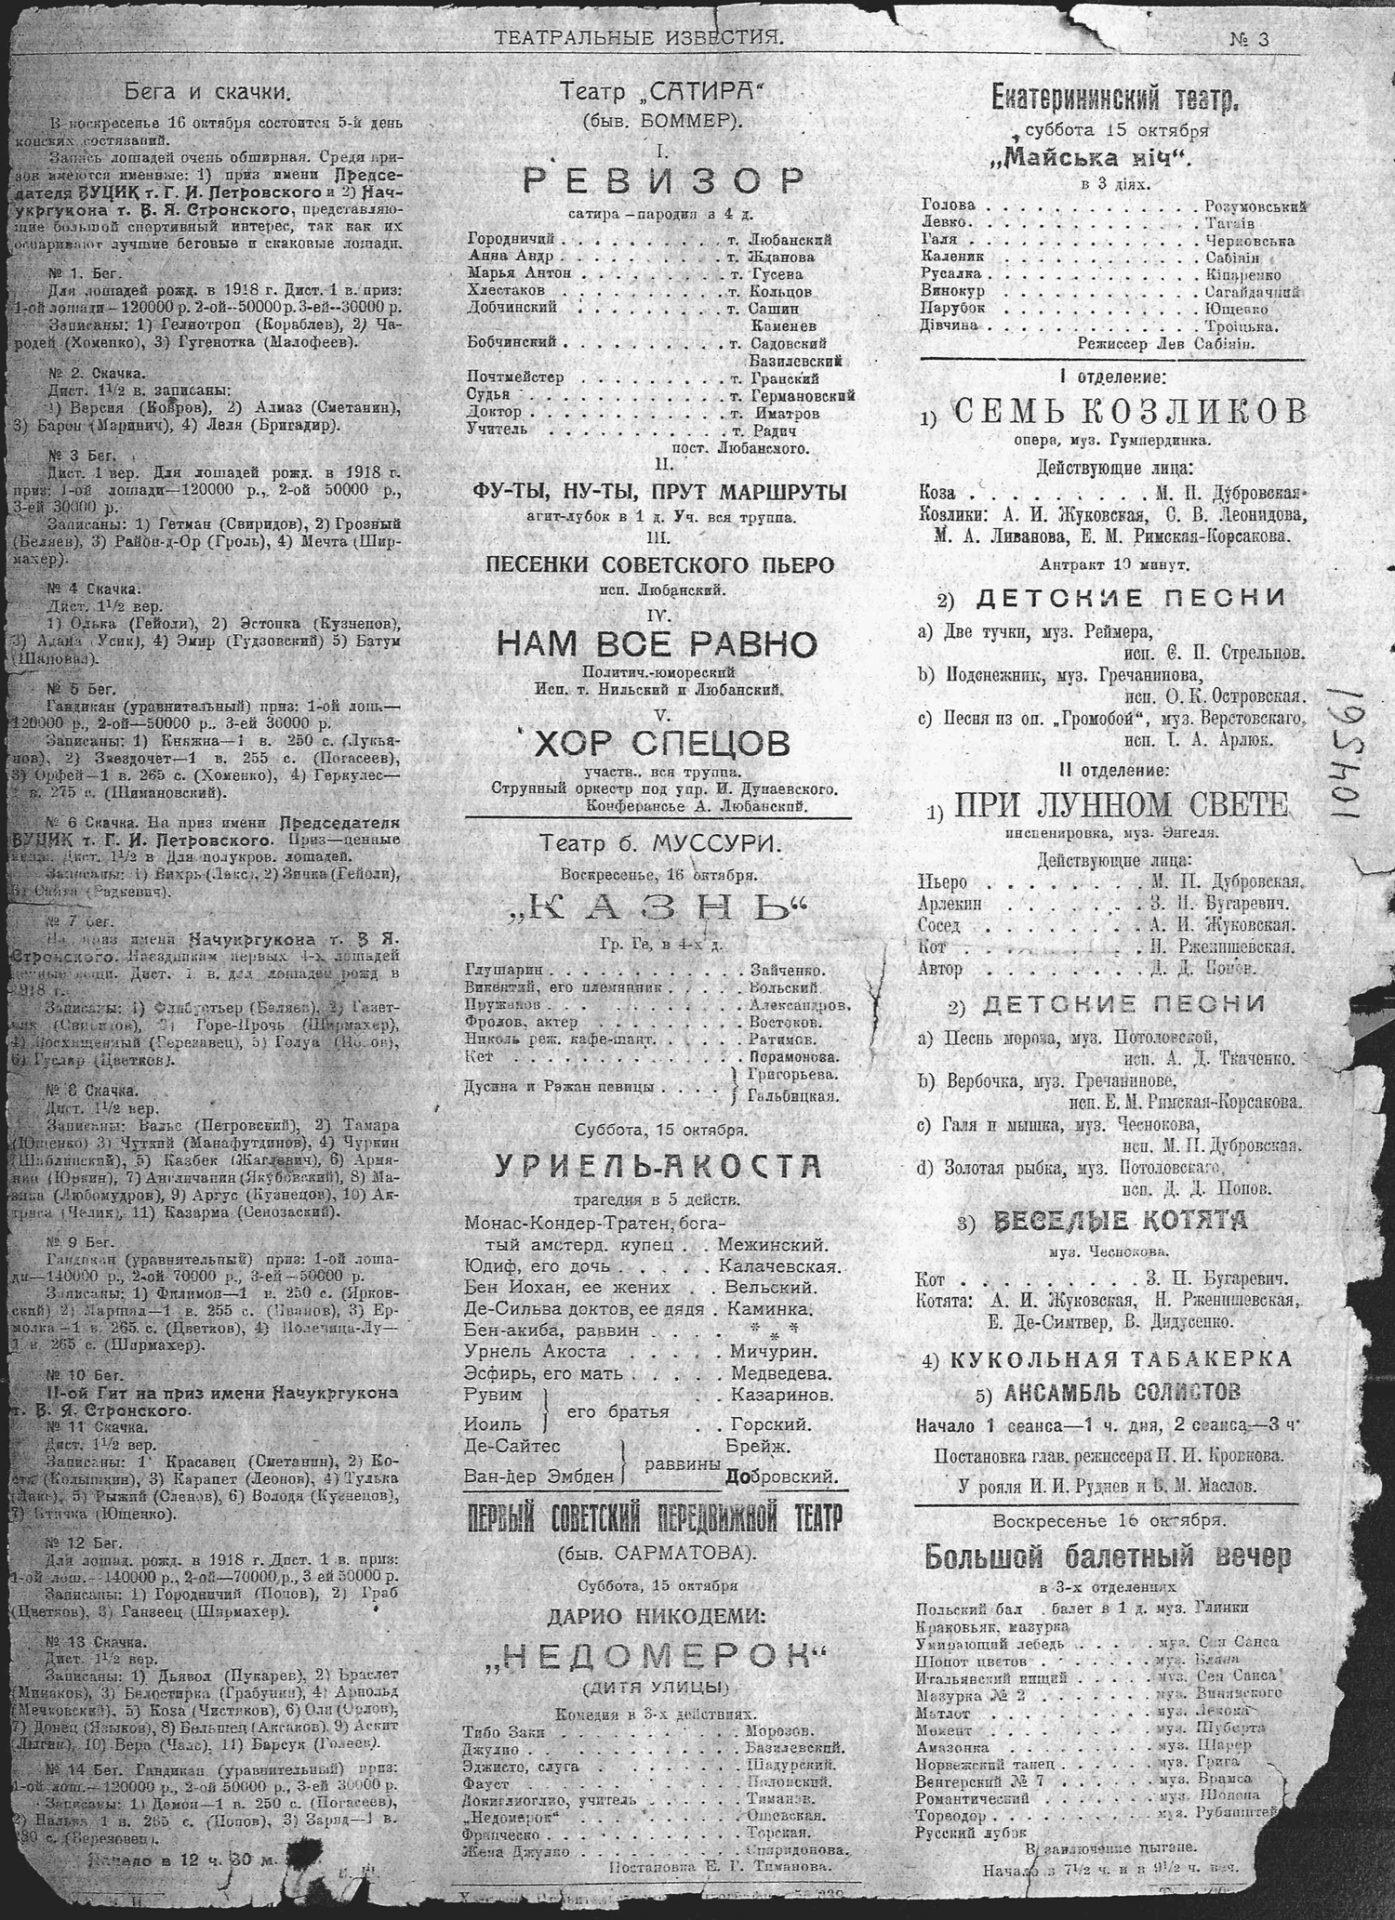 Театральные известия_1921_№3